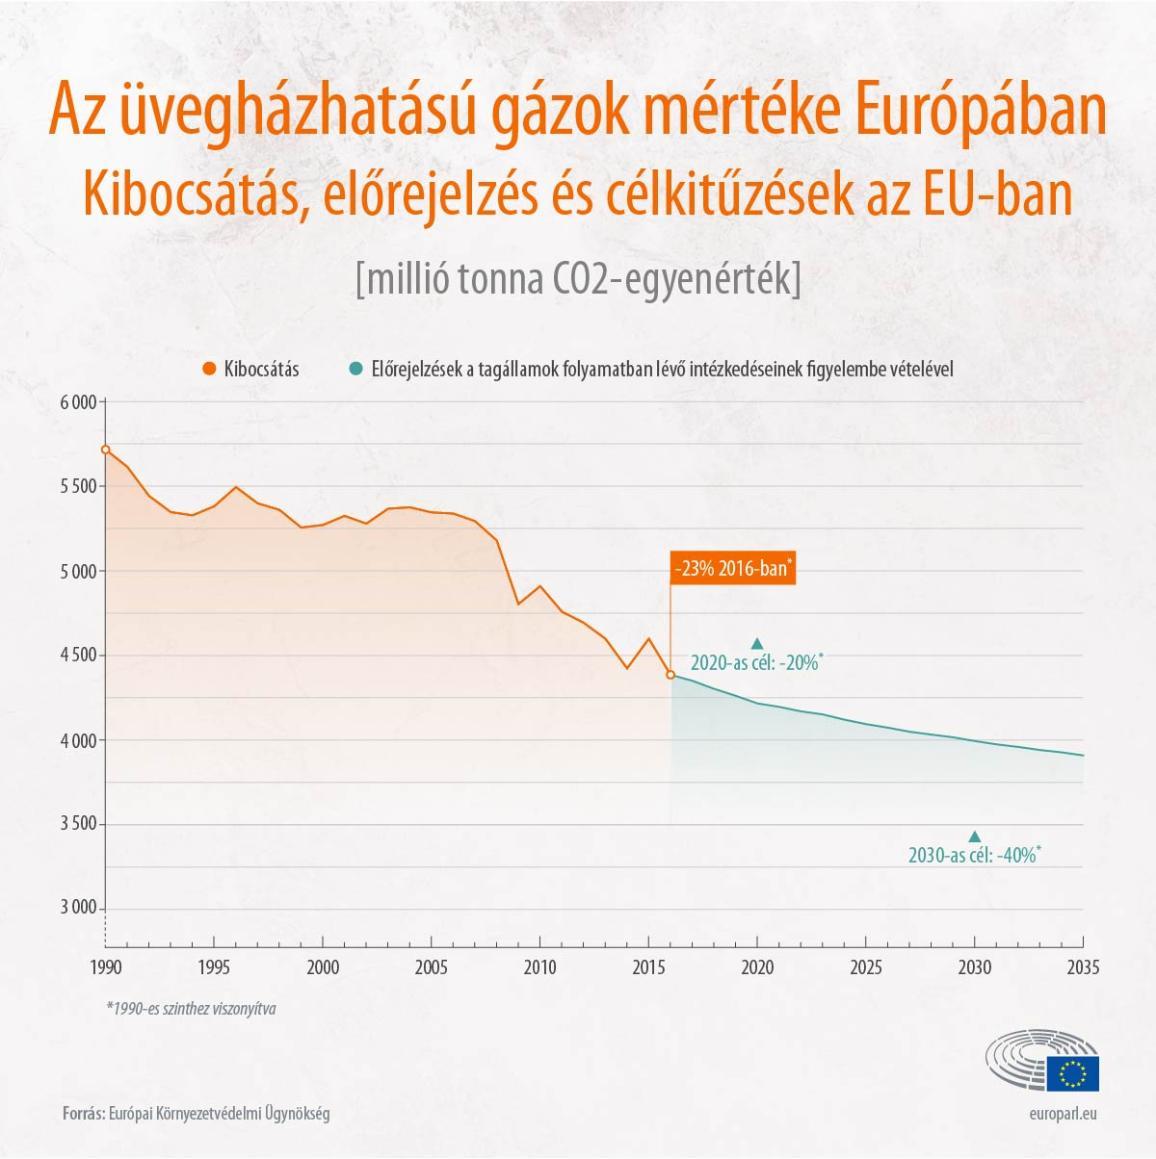 Infografika az üvegházhatású gázok kibocsátásáról az EU-ban